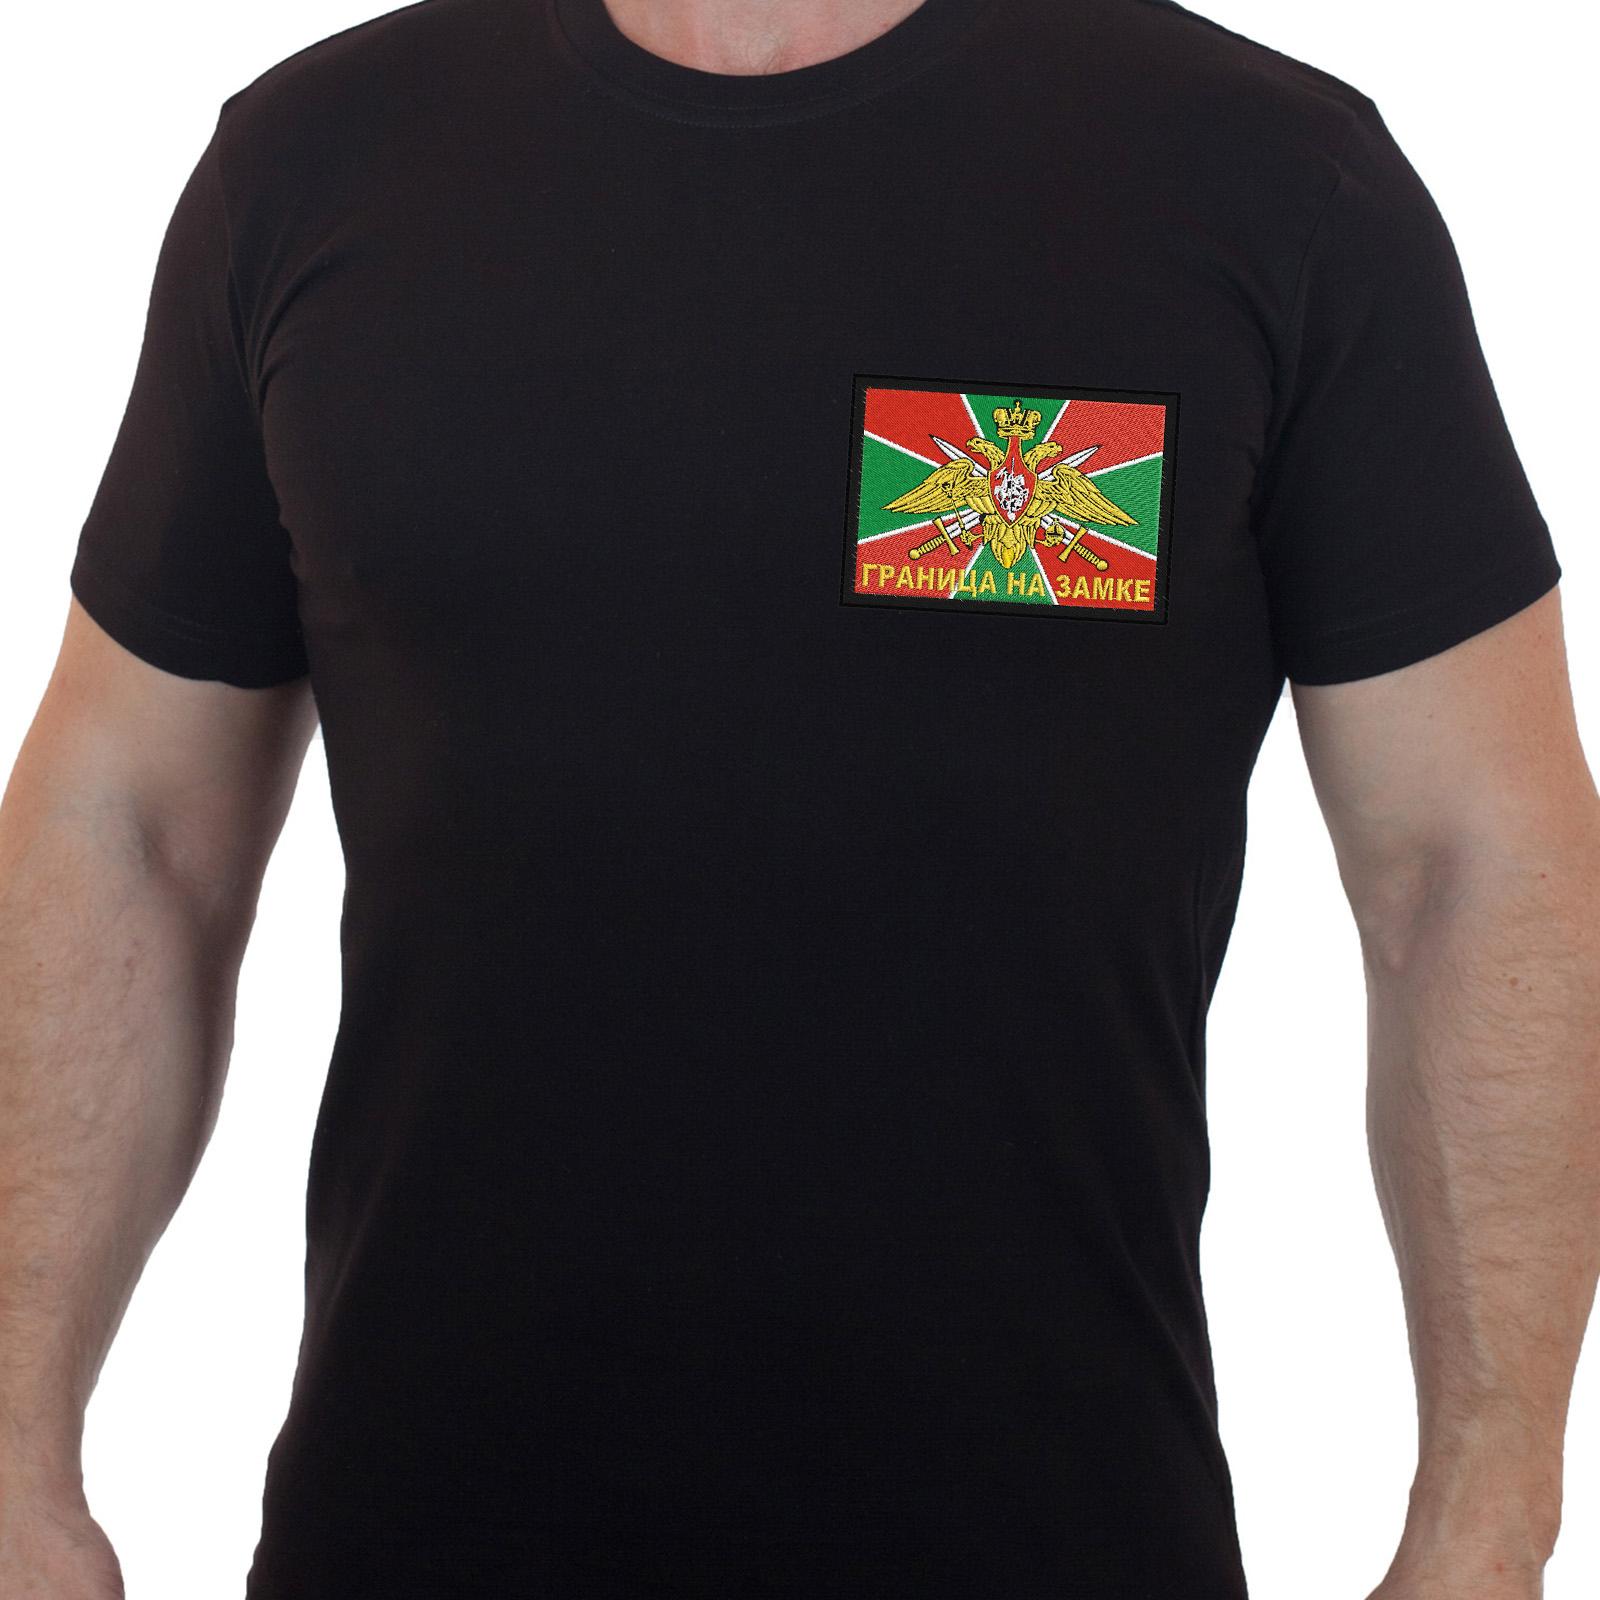 Черная футболка пограничника с вышивкой